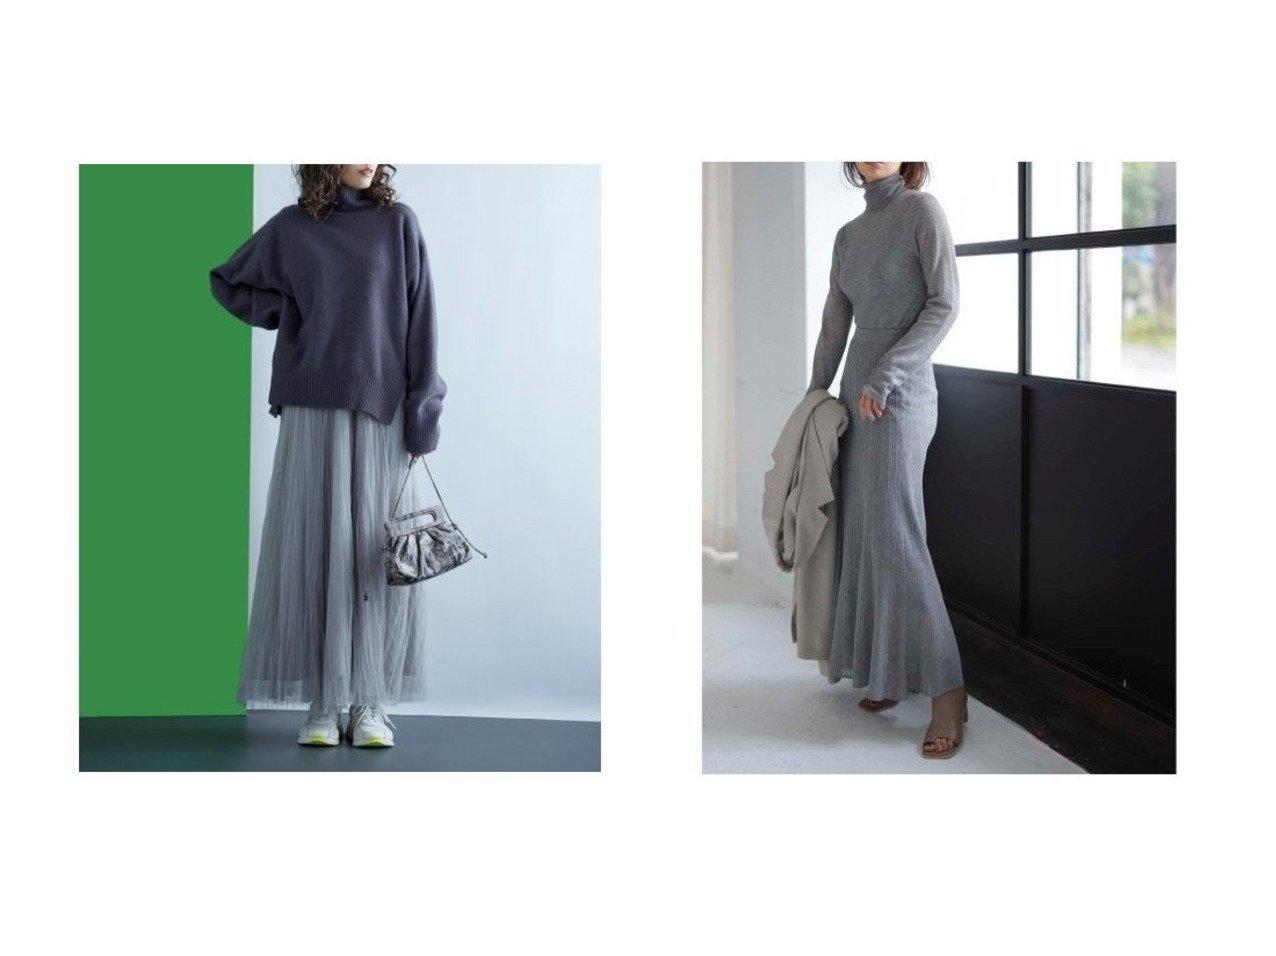 【Mila Owen/ミラオーウェン】のワッシャーチュールロングスカート&【FRAY I.D/フレイ アイディー】のラメシアーニットスカート 【スカート】おすすめ!人気、トレンド・レディースファッションの通販 おすすめで人気の流行・トレンド、ファッションの通販商品 インテリア・家具・メンズファッション・キッズファッション・レディースファッション・服の通販 founy(ファニー) https://founy.com/ ファッション Fashion レディースファッション WOMEN スカート Skirt ロングスカート Long Skirt エレガント シンプル スマート チュール ロング ワッシャー アクリル プリーツ 再入荷 Restock/Back in Stock/Re Arrival 鹿の子 |ID:crp329100000040806